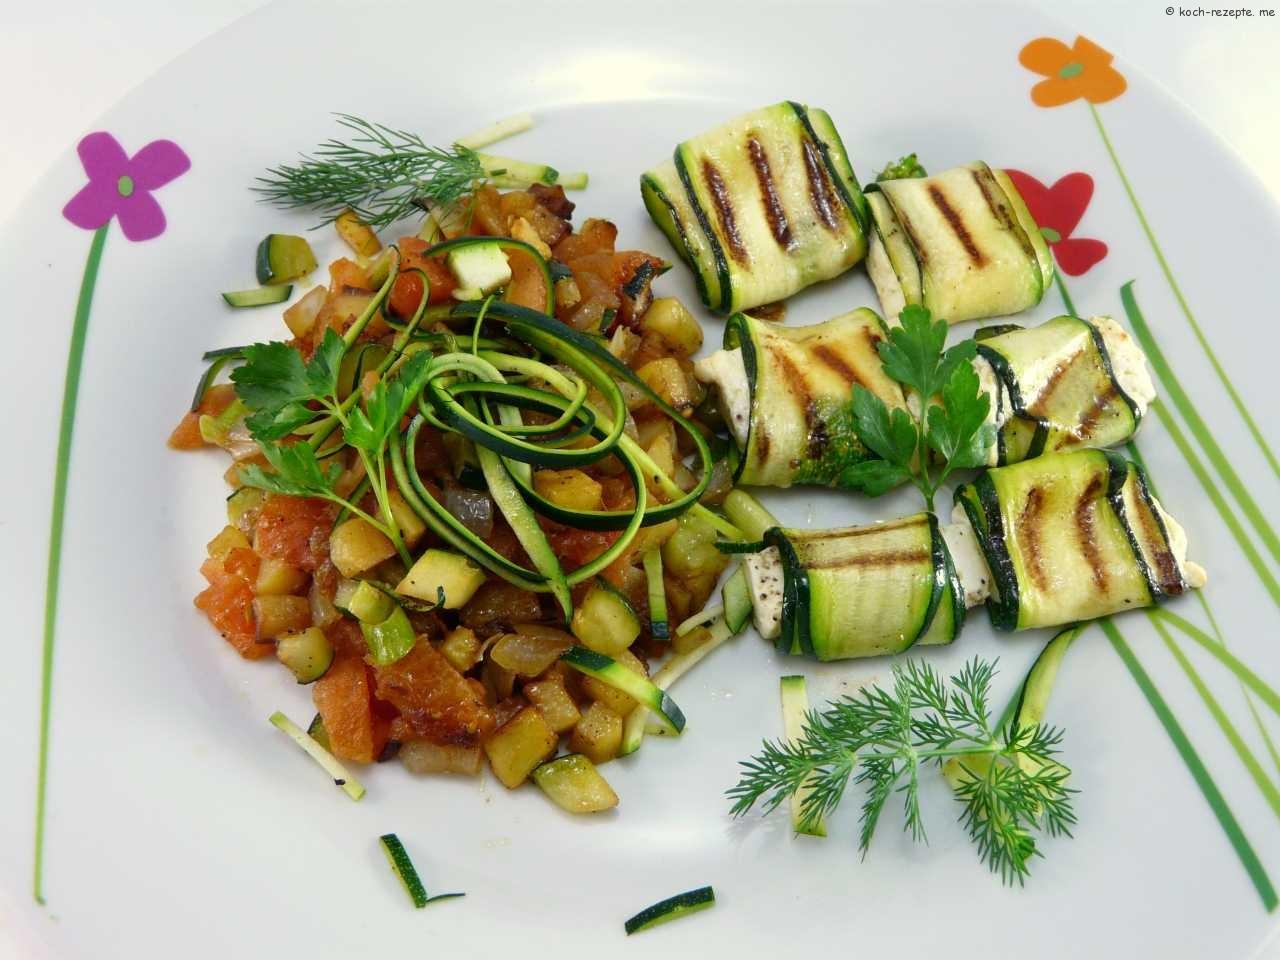 zucchinir llchen gef llt mit weichk se und gegrillt vegetarisch. Black Bedroom Furniture Sets. Home Design Ideas